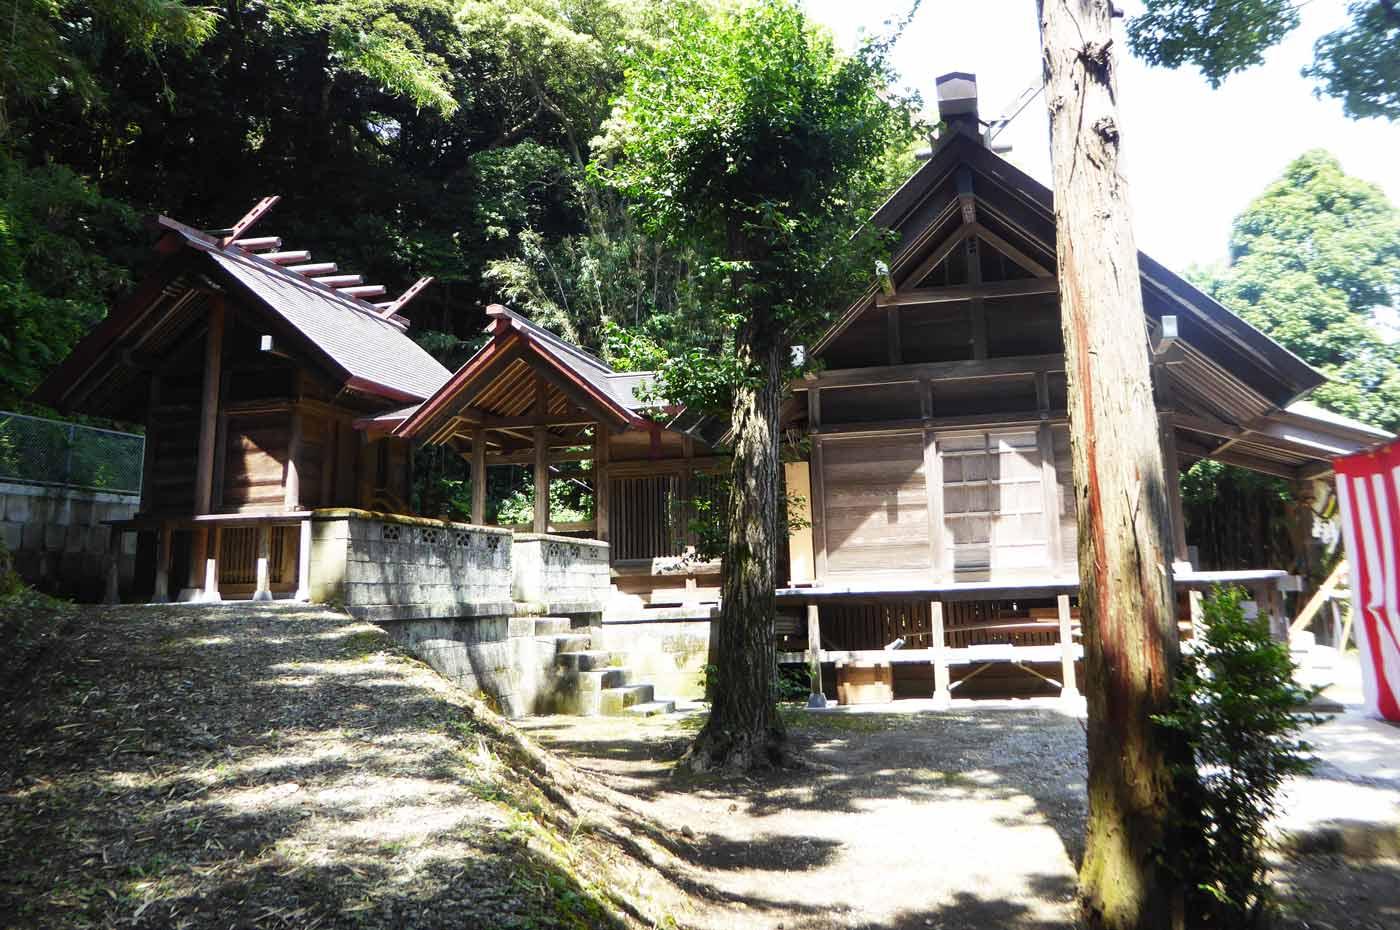 洲宮神社拝殿と本殿の画像